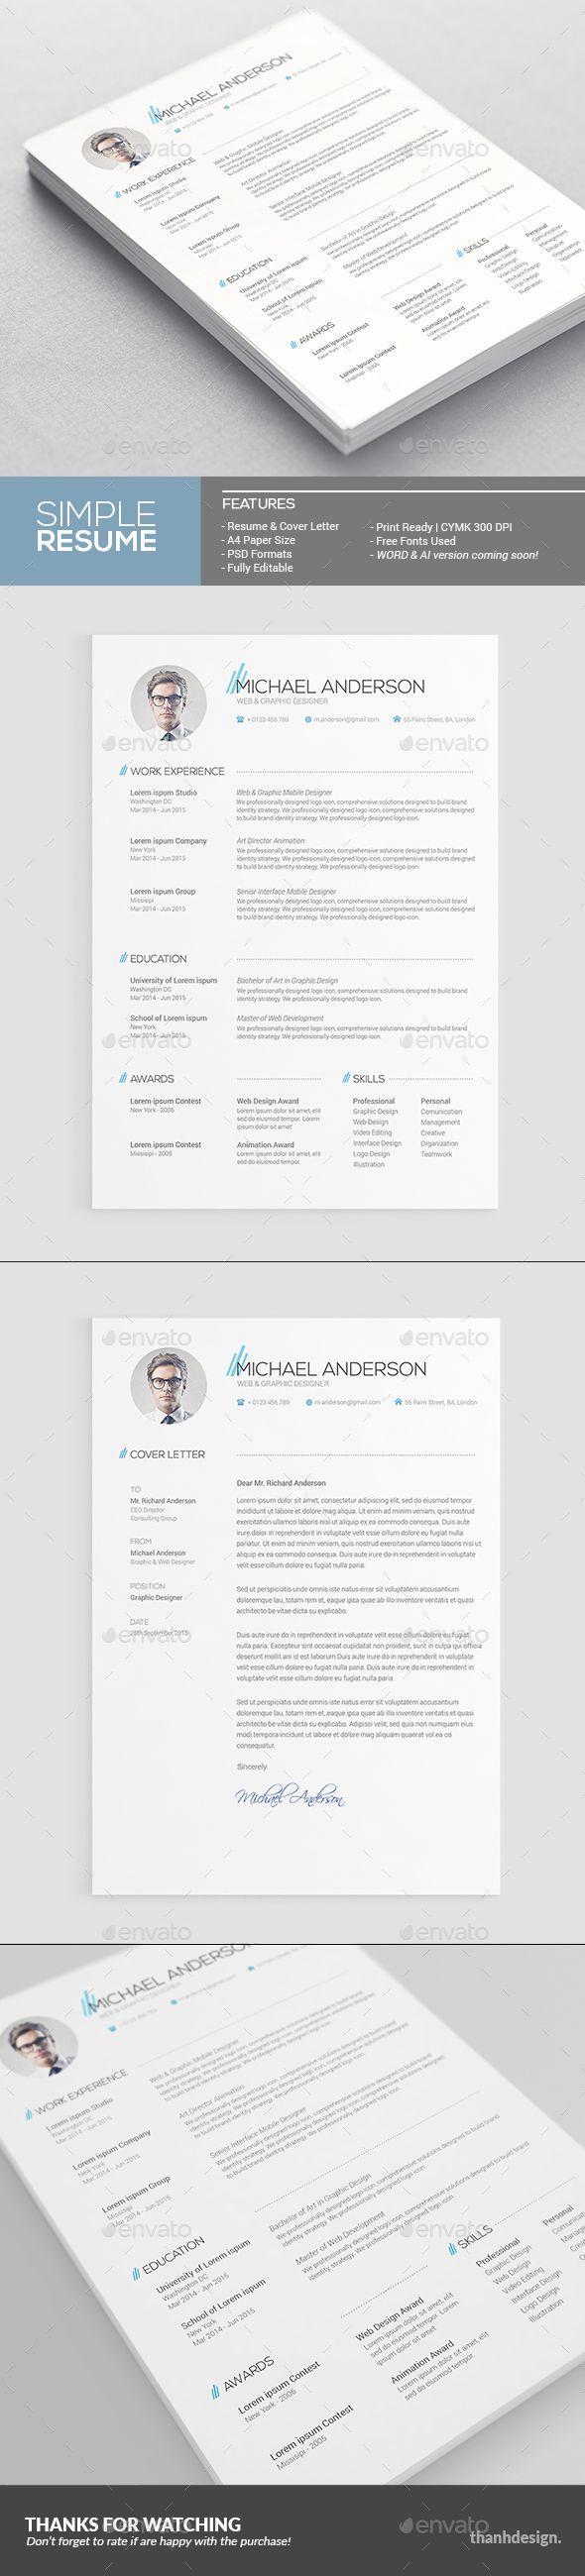 Best Resumes Cv Images On   Resume Design Resume